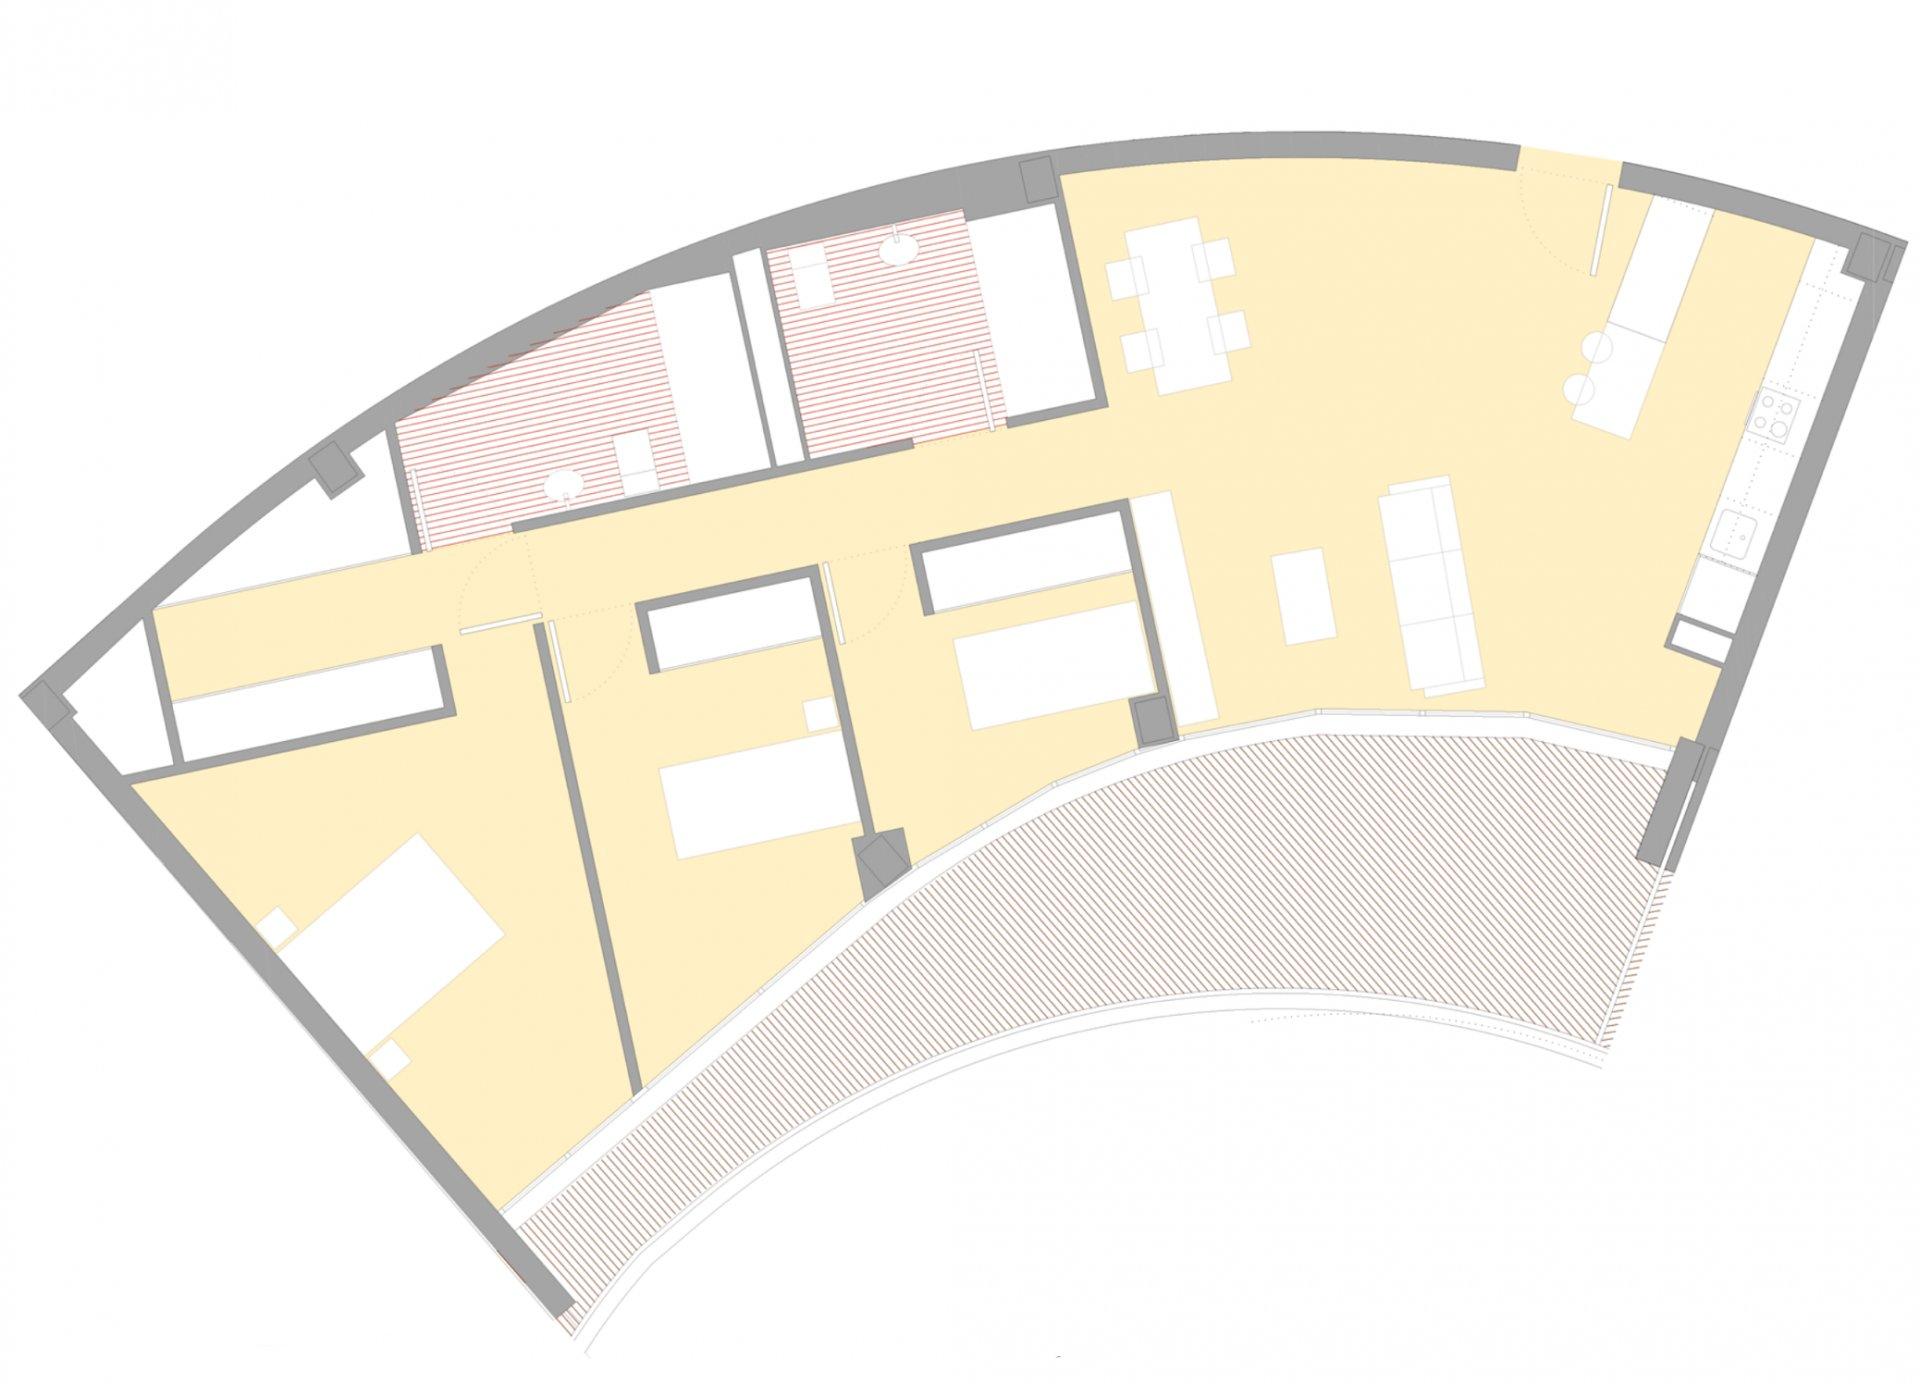 Appartement avec 3 chambres dans un nouveau complexe